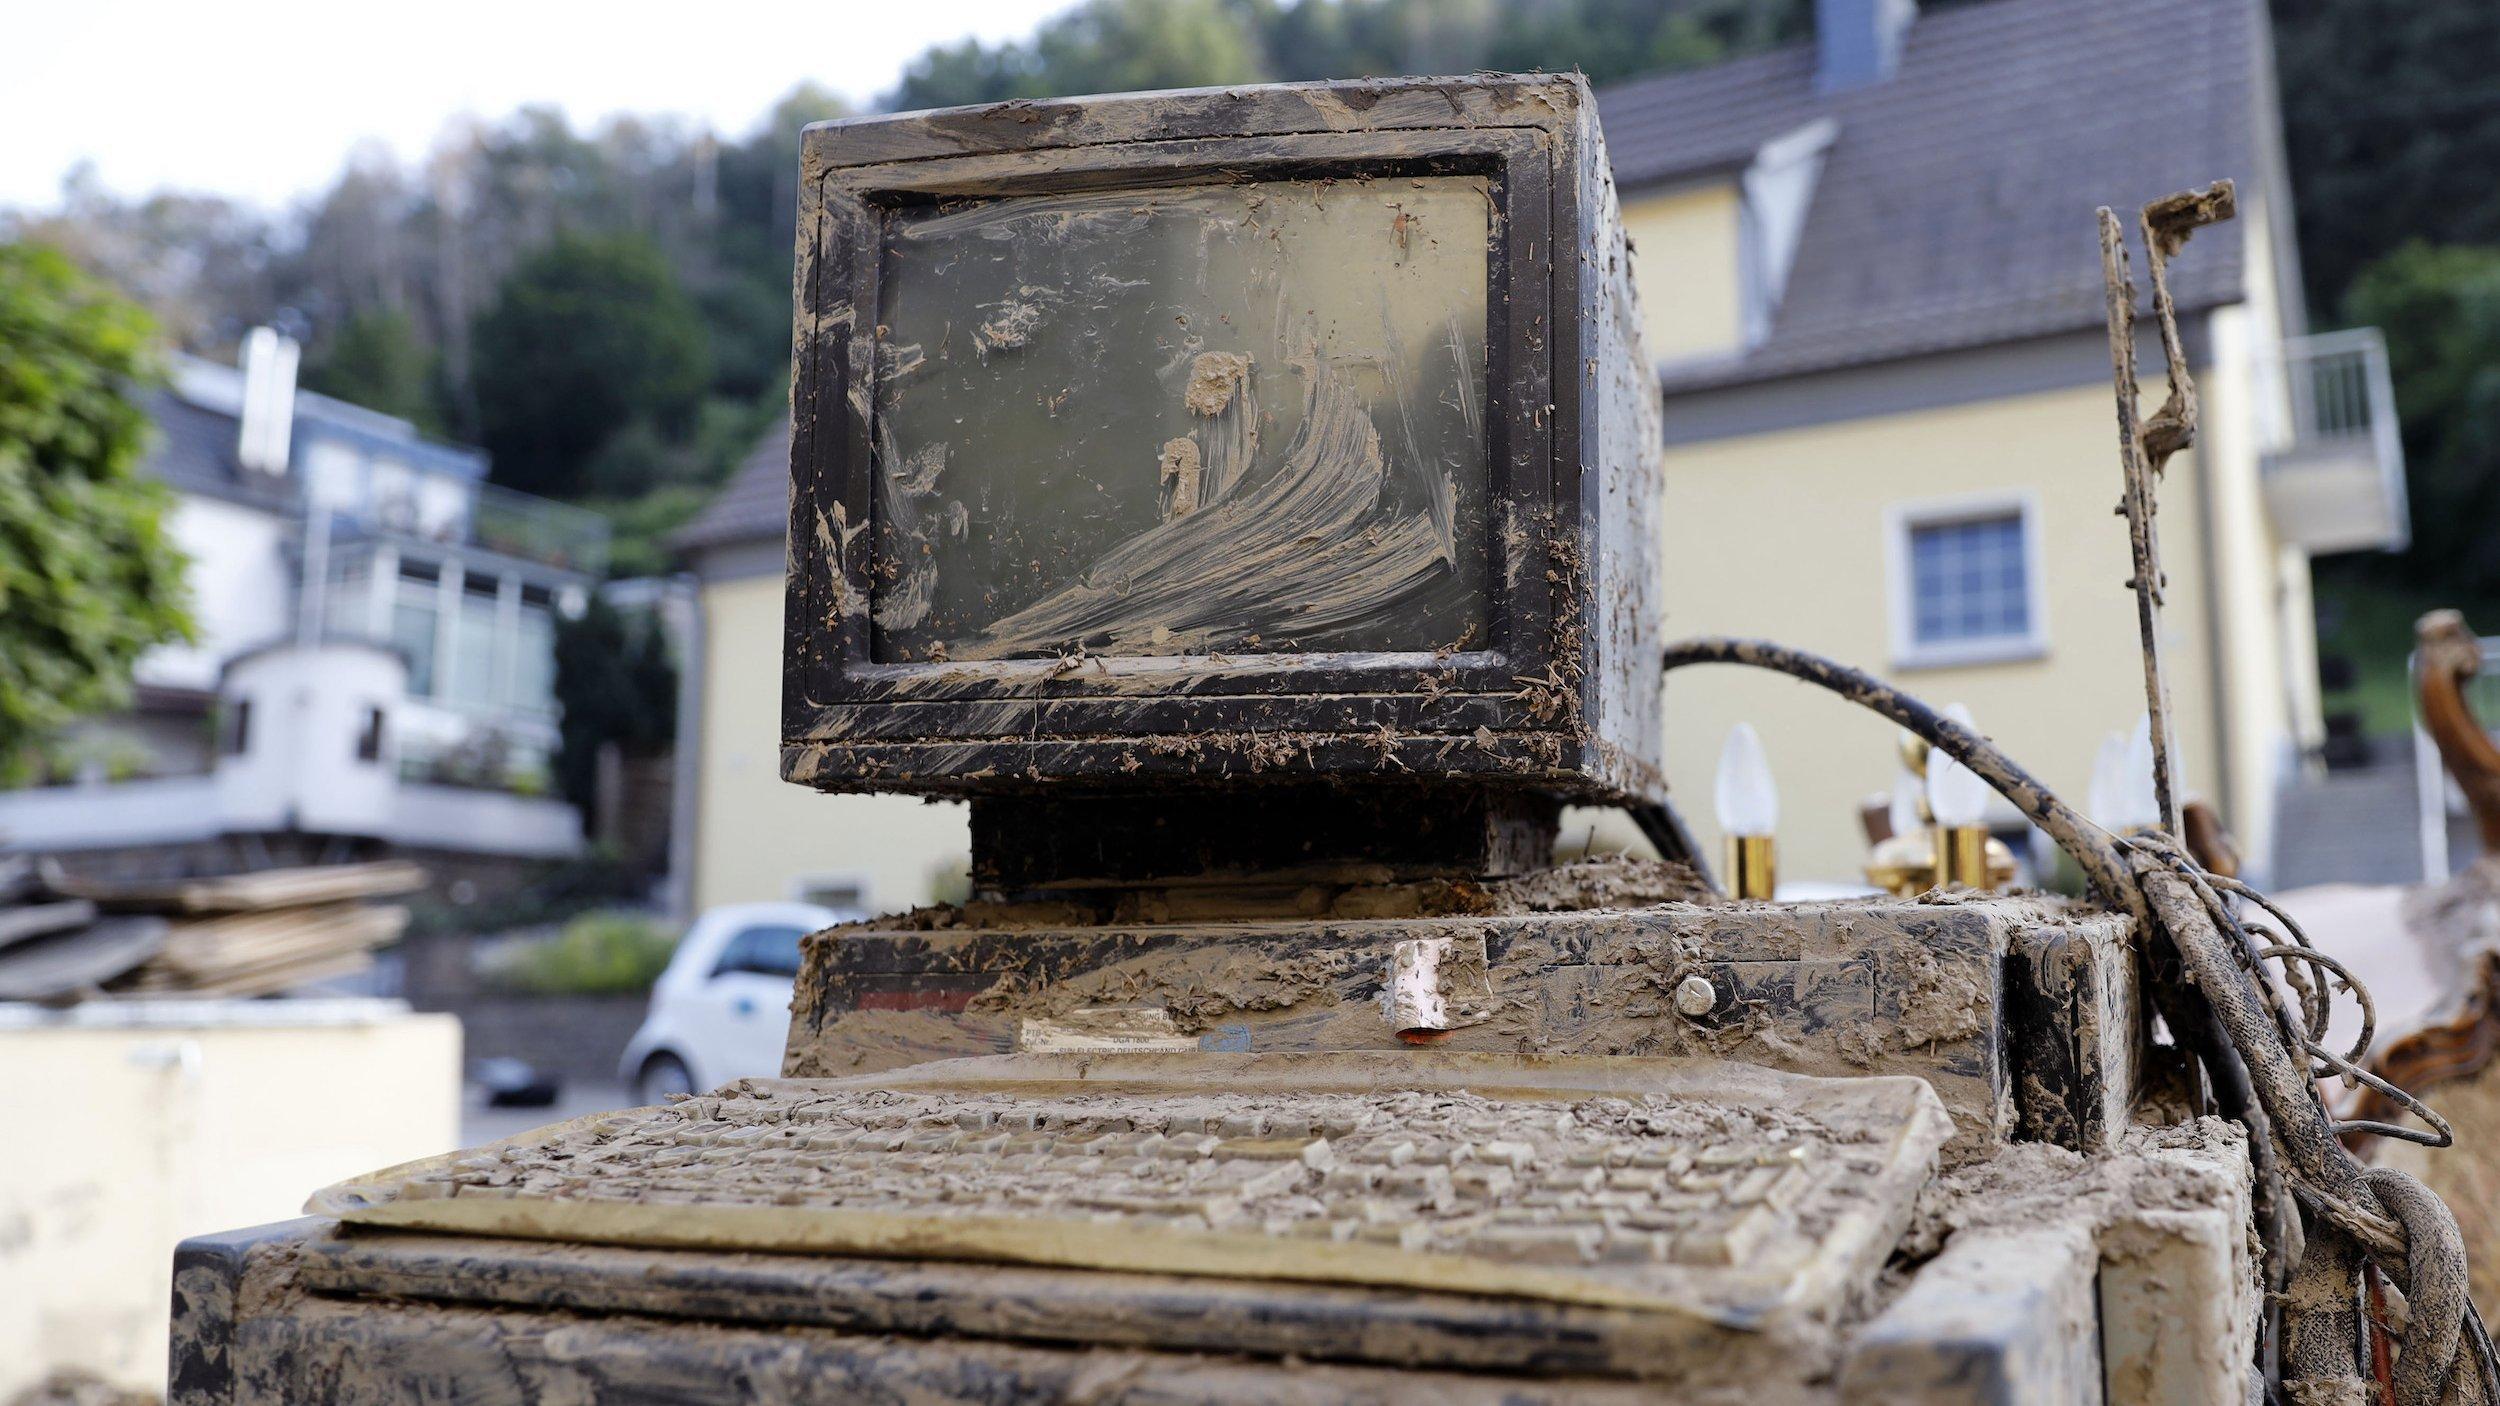 Im Bild ist ein verschlammter Computerbildschirm samt Desktop und Tastatur aus dem Flutmüll in der Ortschaft Altenahr zu sehen. In der Ortschaft zerstörte die Flut im Juli 2021viele Häuser.